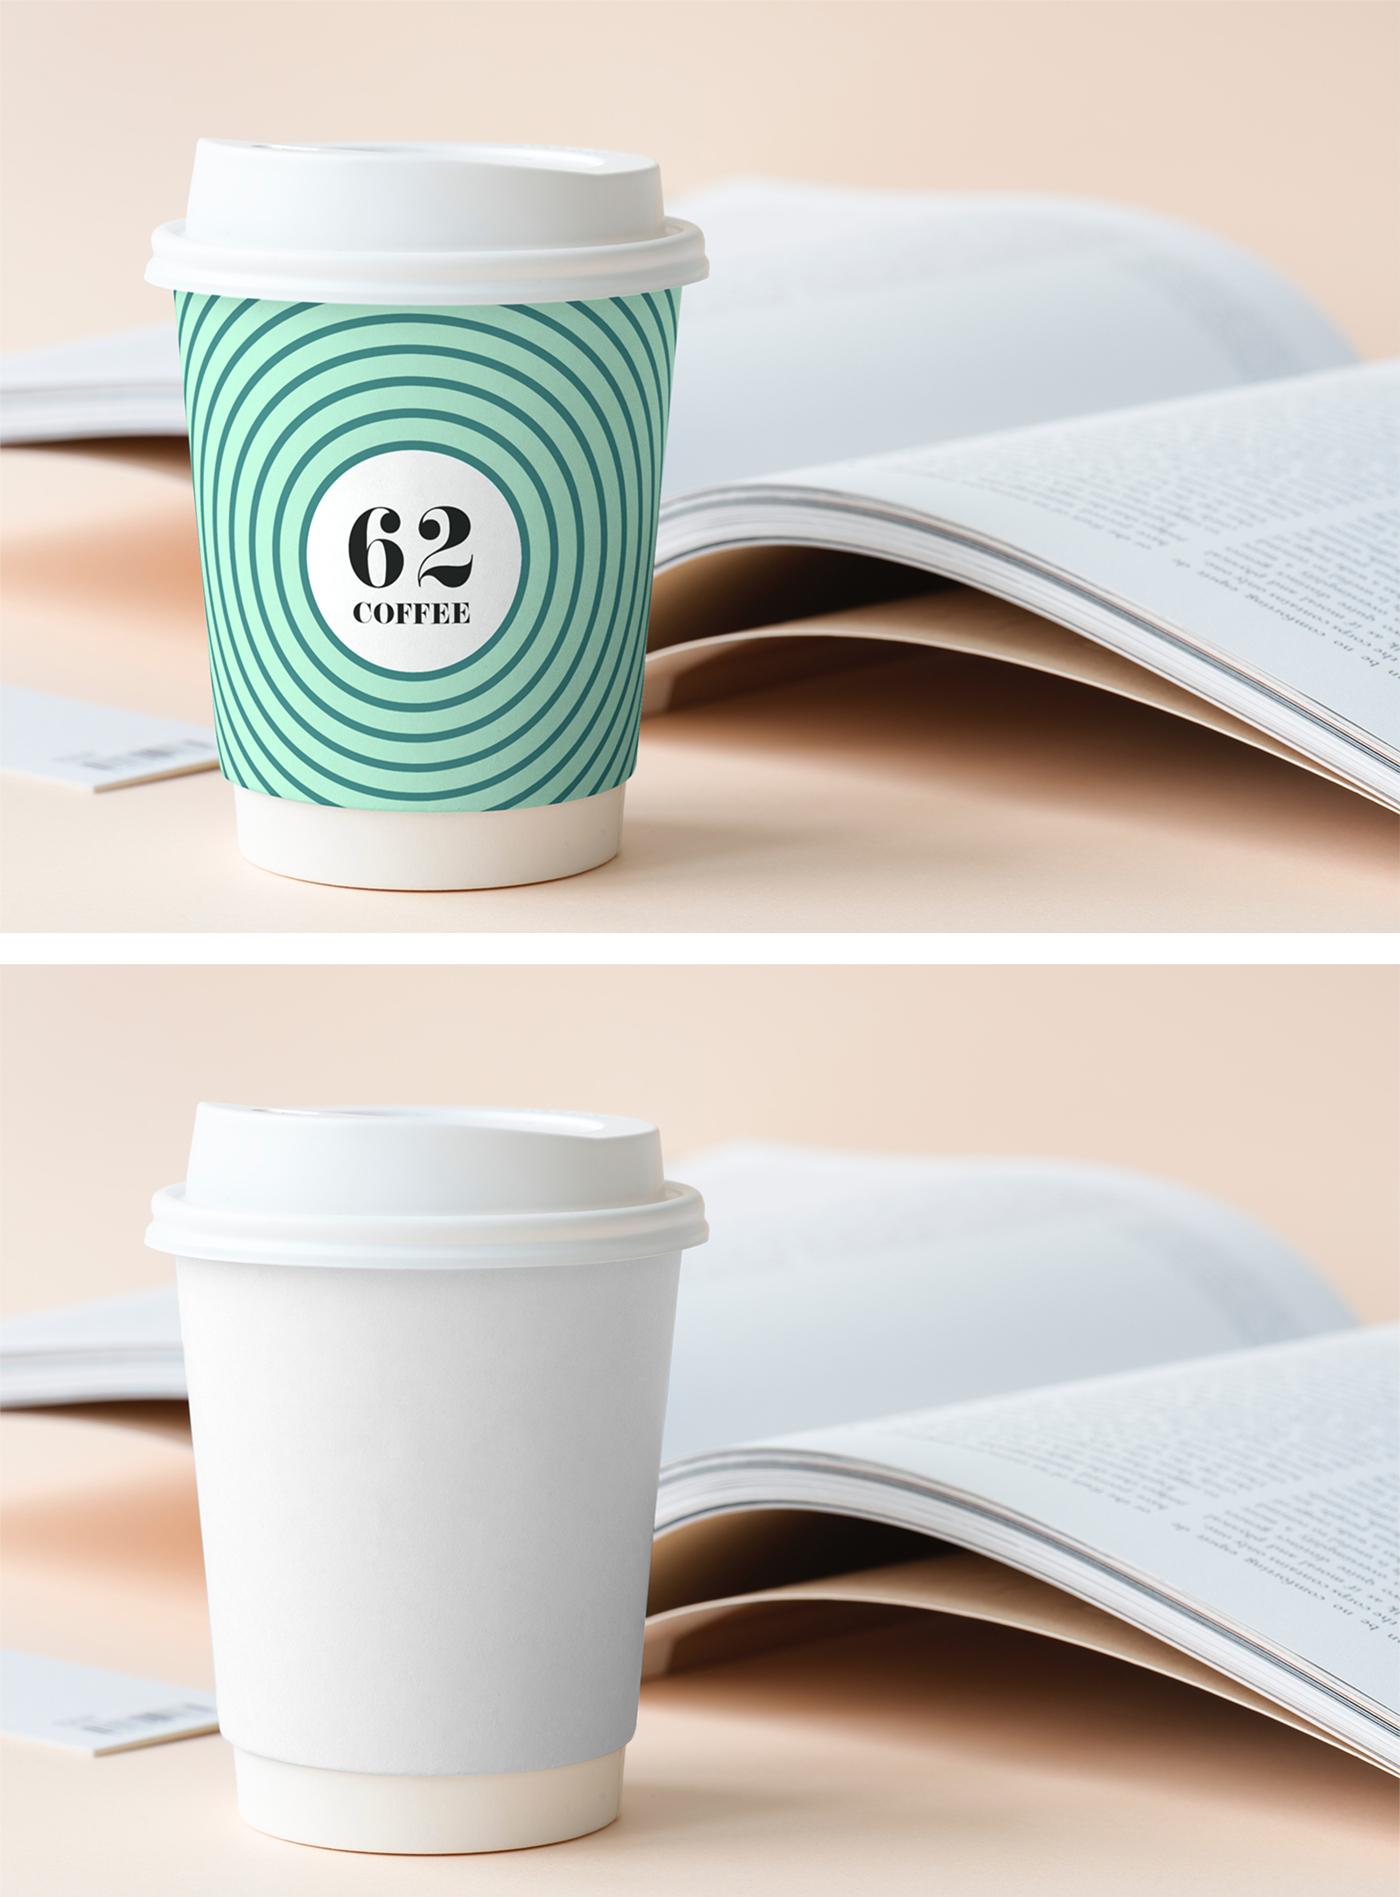 Cup on Desk Mockup